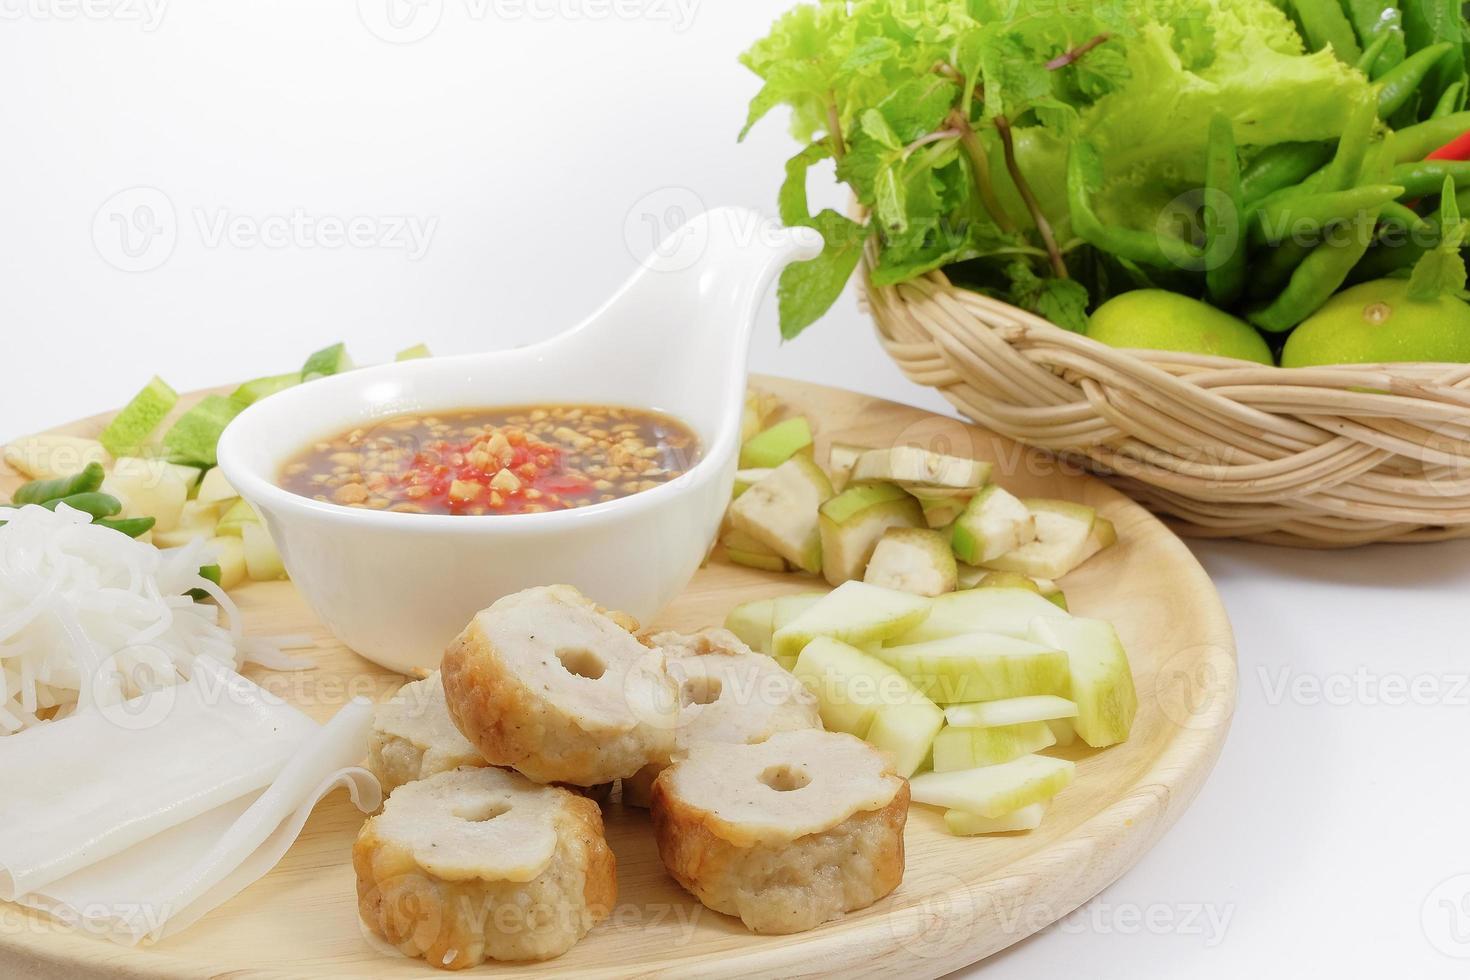 Vietnamese gehaktbalwraps met groenten (nam-neaung) foto